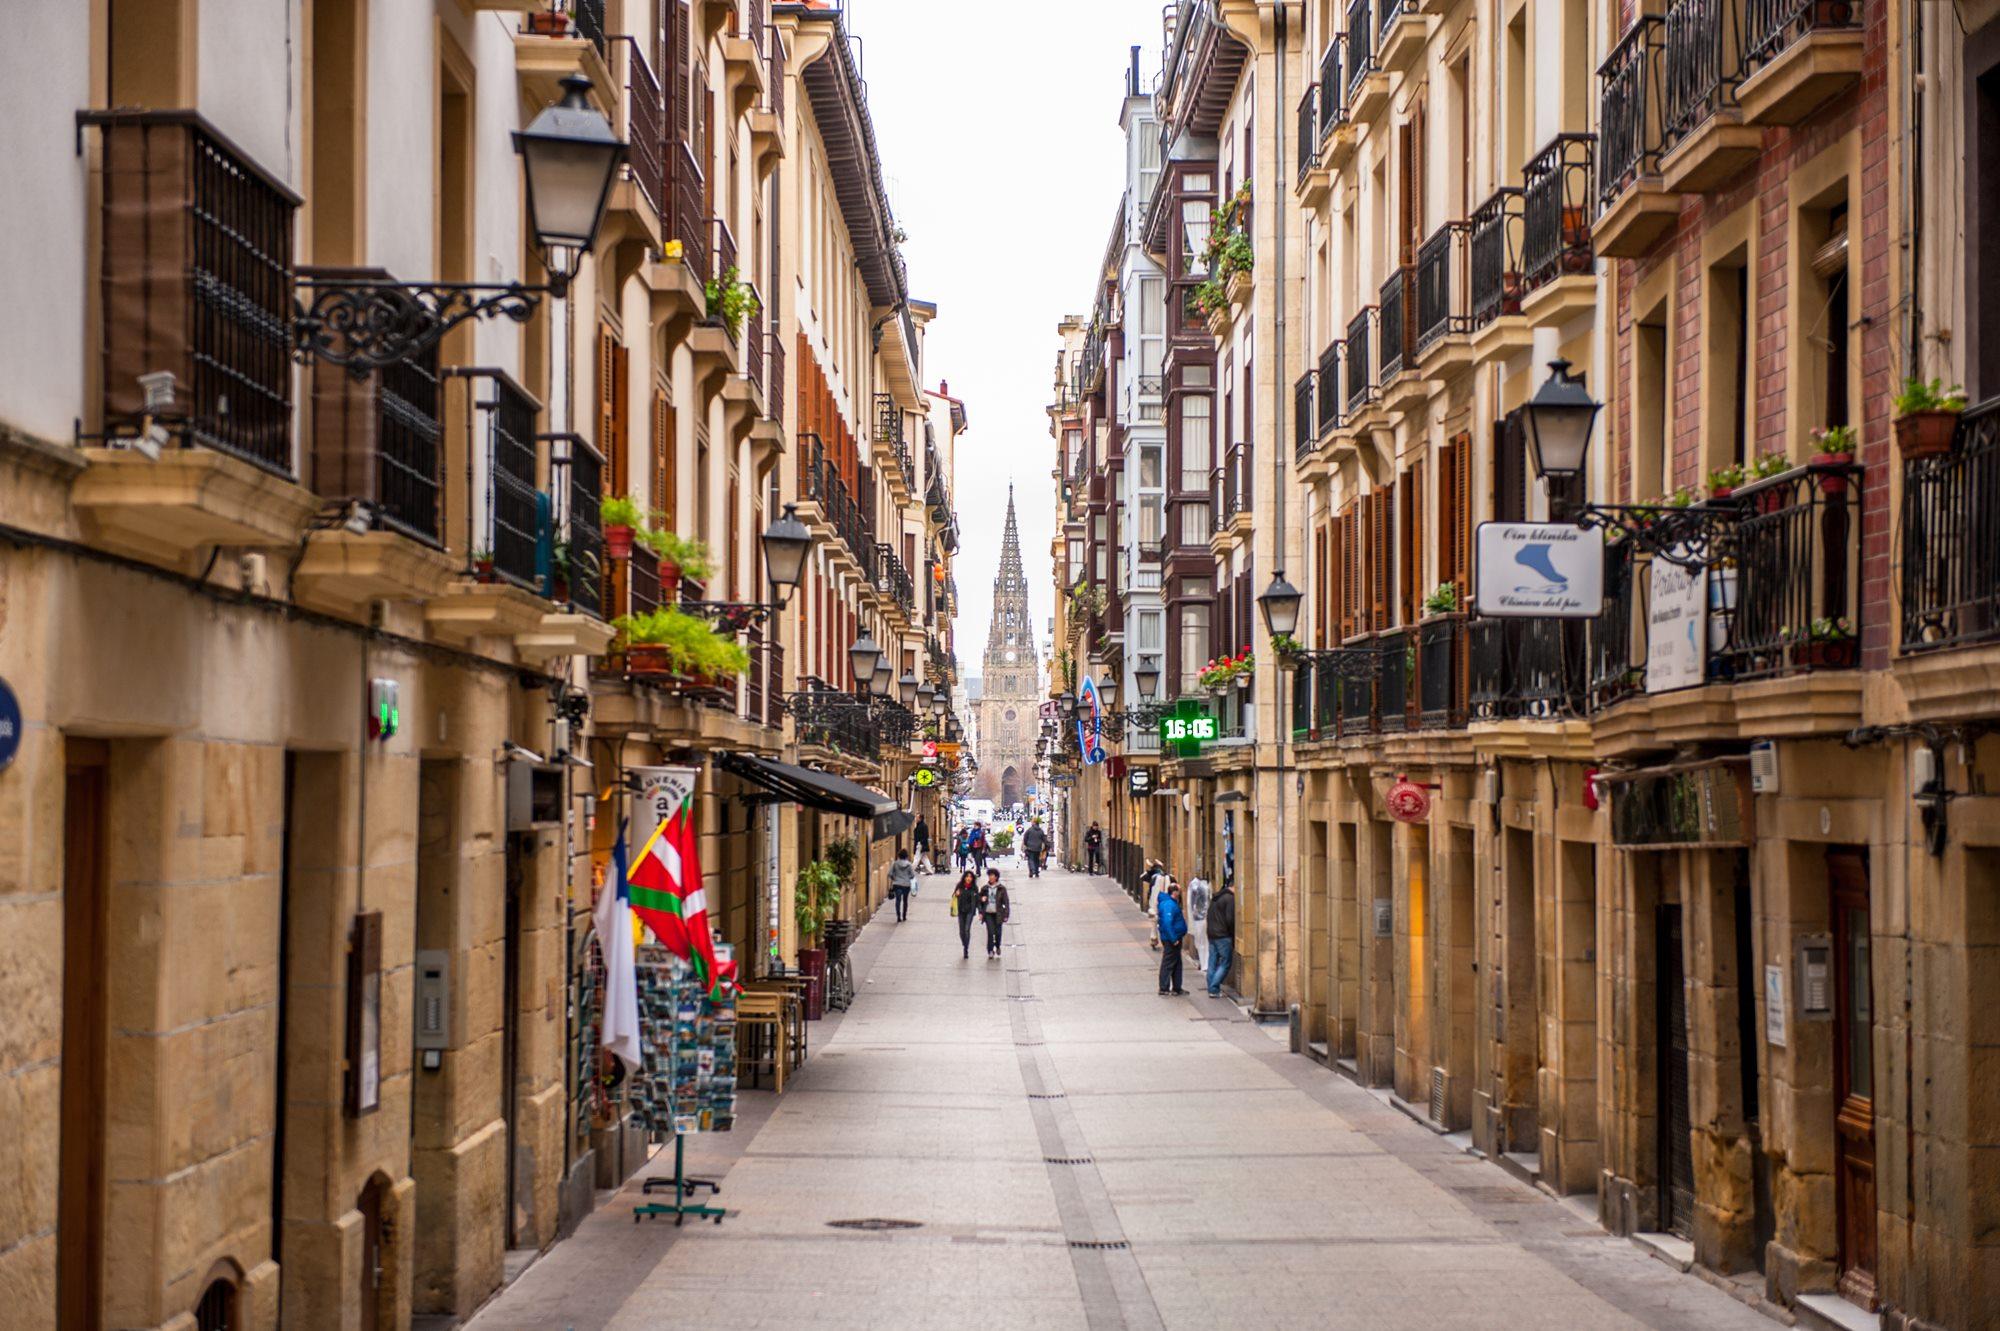 Perderse por las calles del centro de San Sebastián siempre es un acierto. Foto: Shutterstock